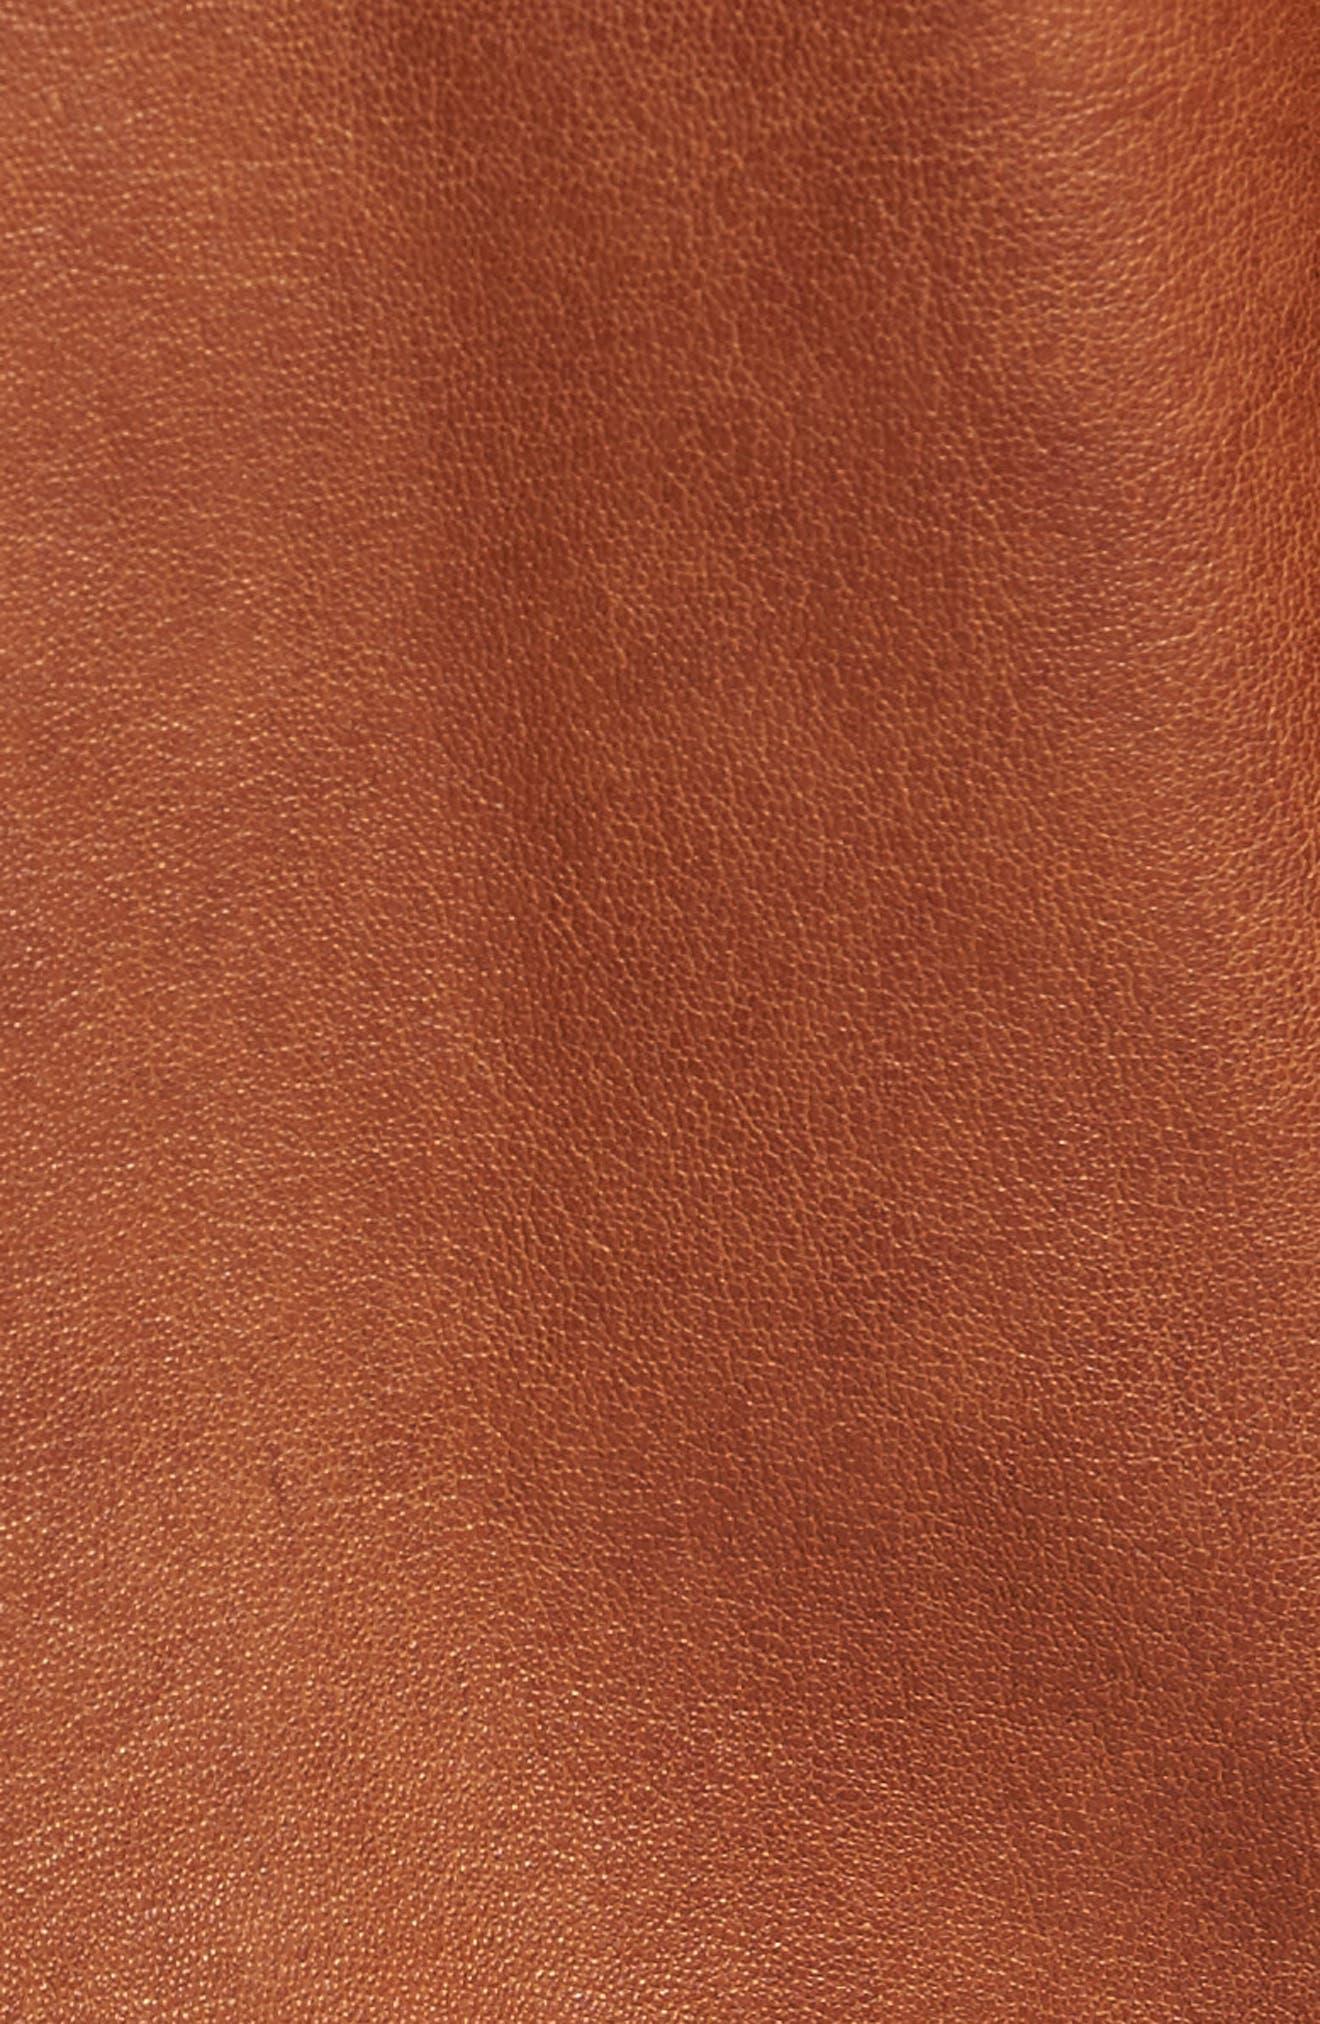 Zip Leather Jacket,                             Alternate thumbnail 5, color,                             Cognac